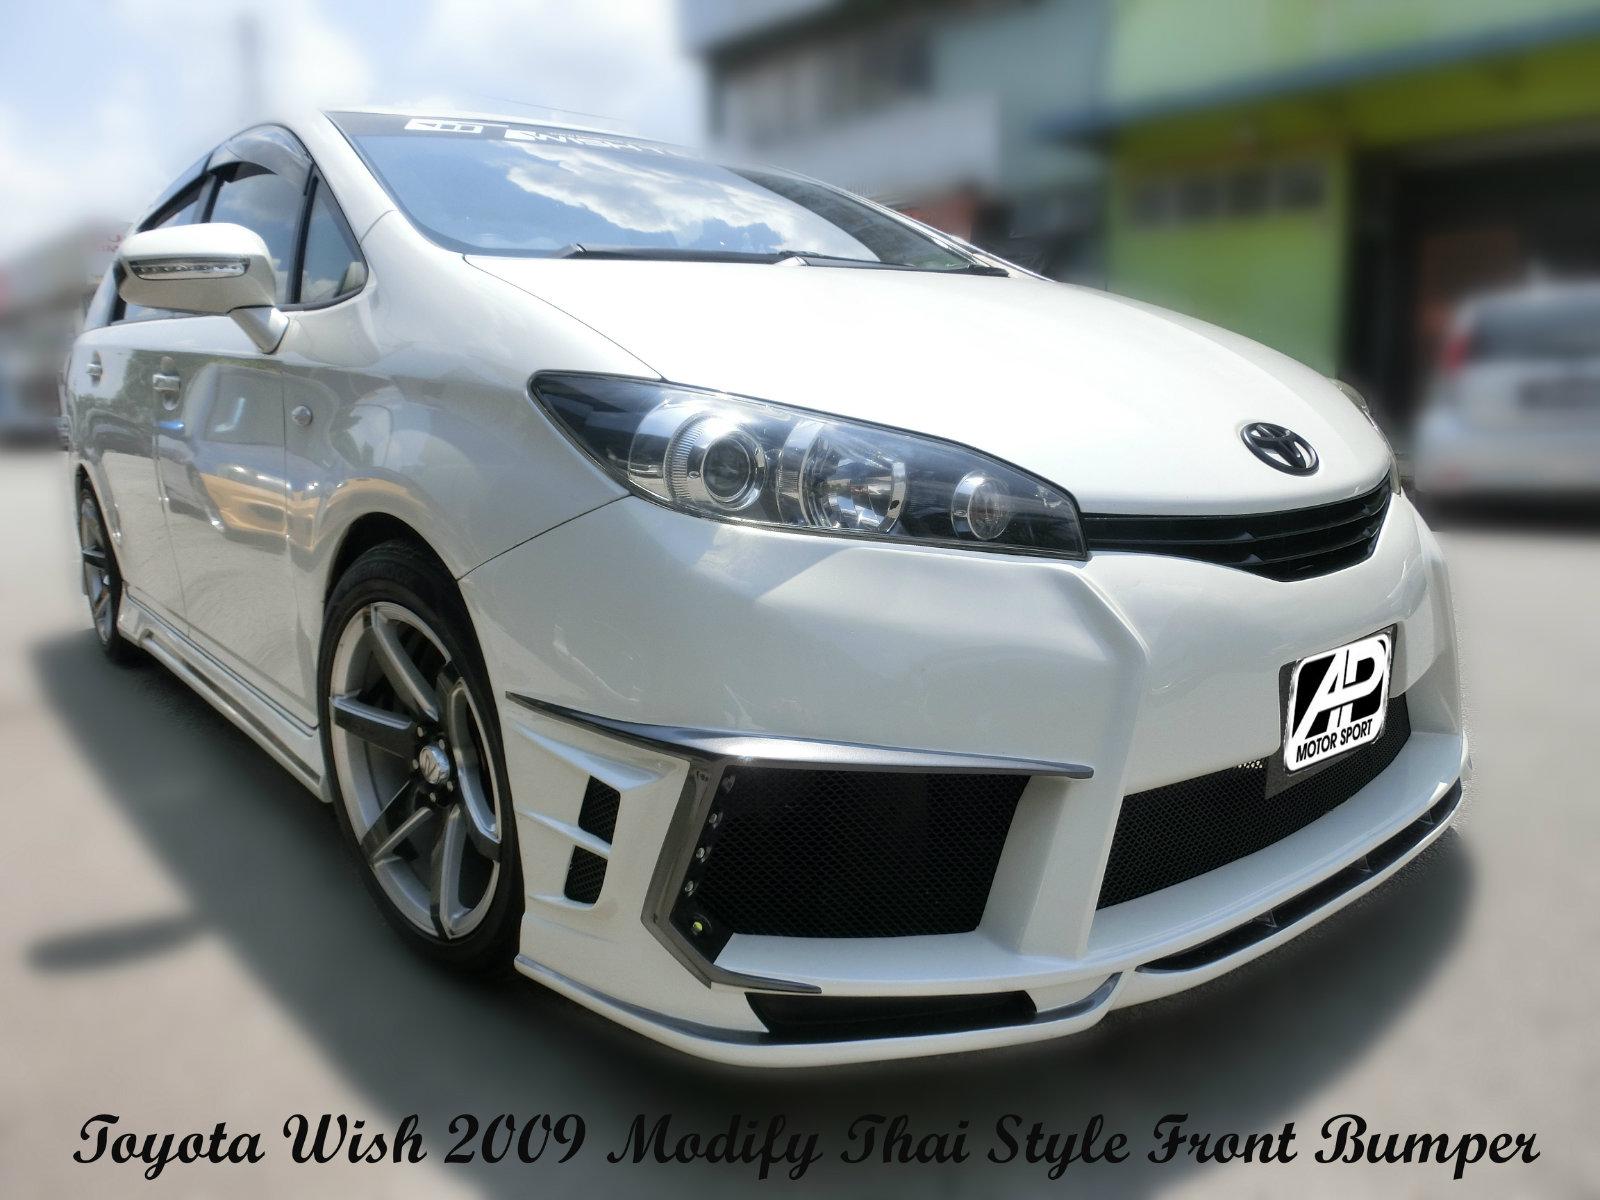 Toyota Wish 2009 Modify Thai Style Front Bumper Toyota